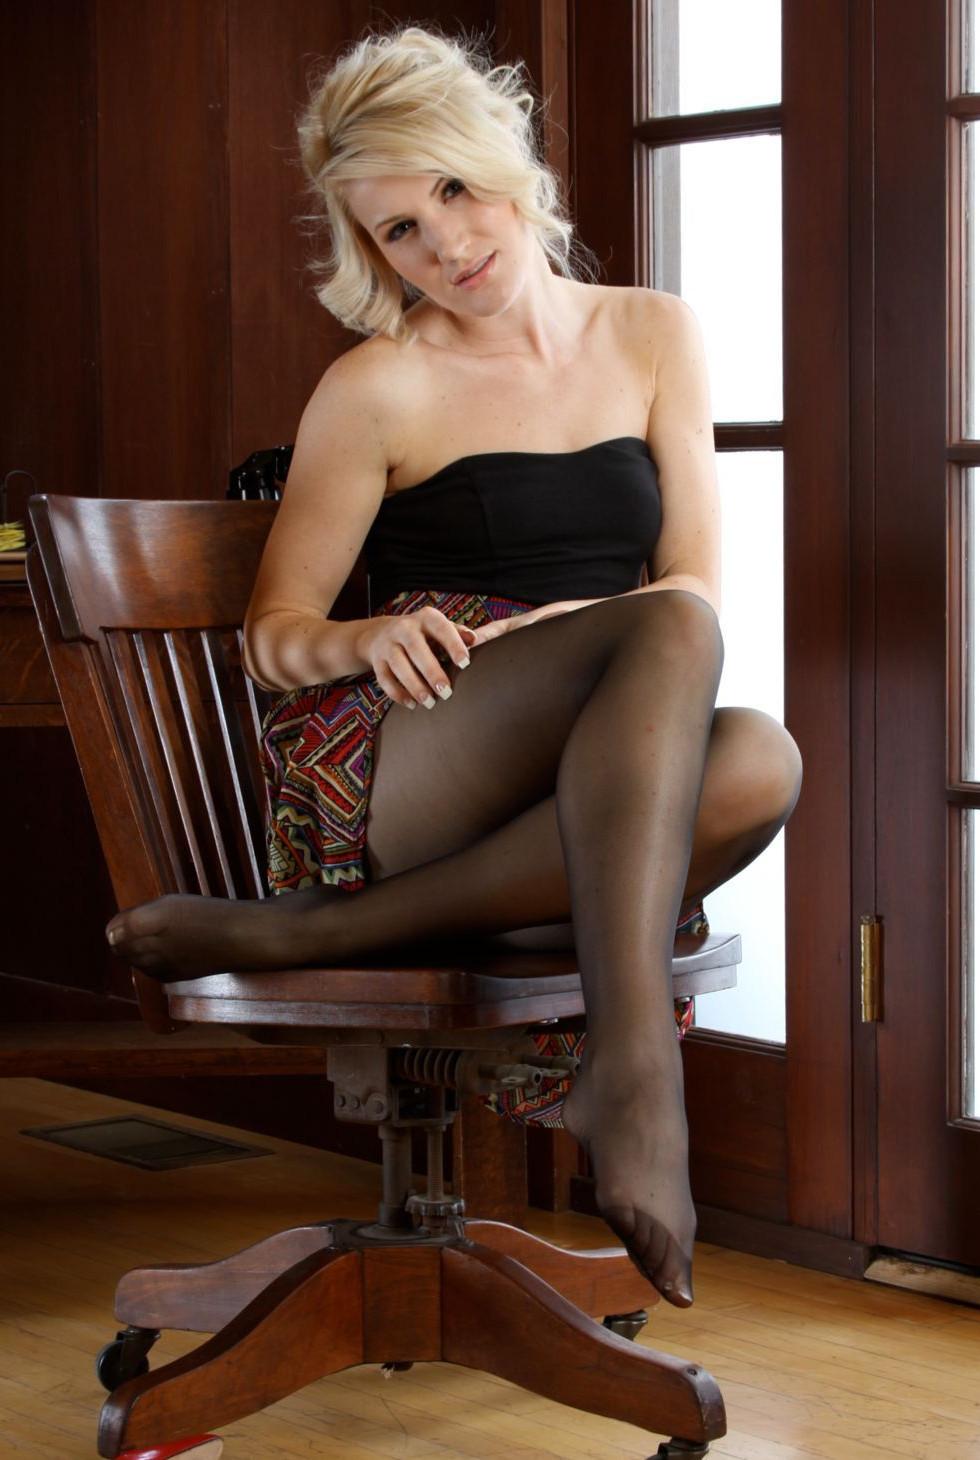 欧美性感女郎Adrina无内丝袜系列大尺度撩人诱惑海量写真318P